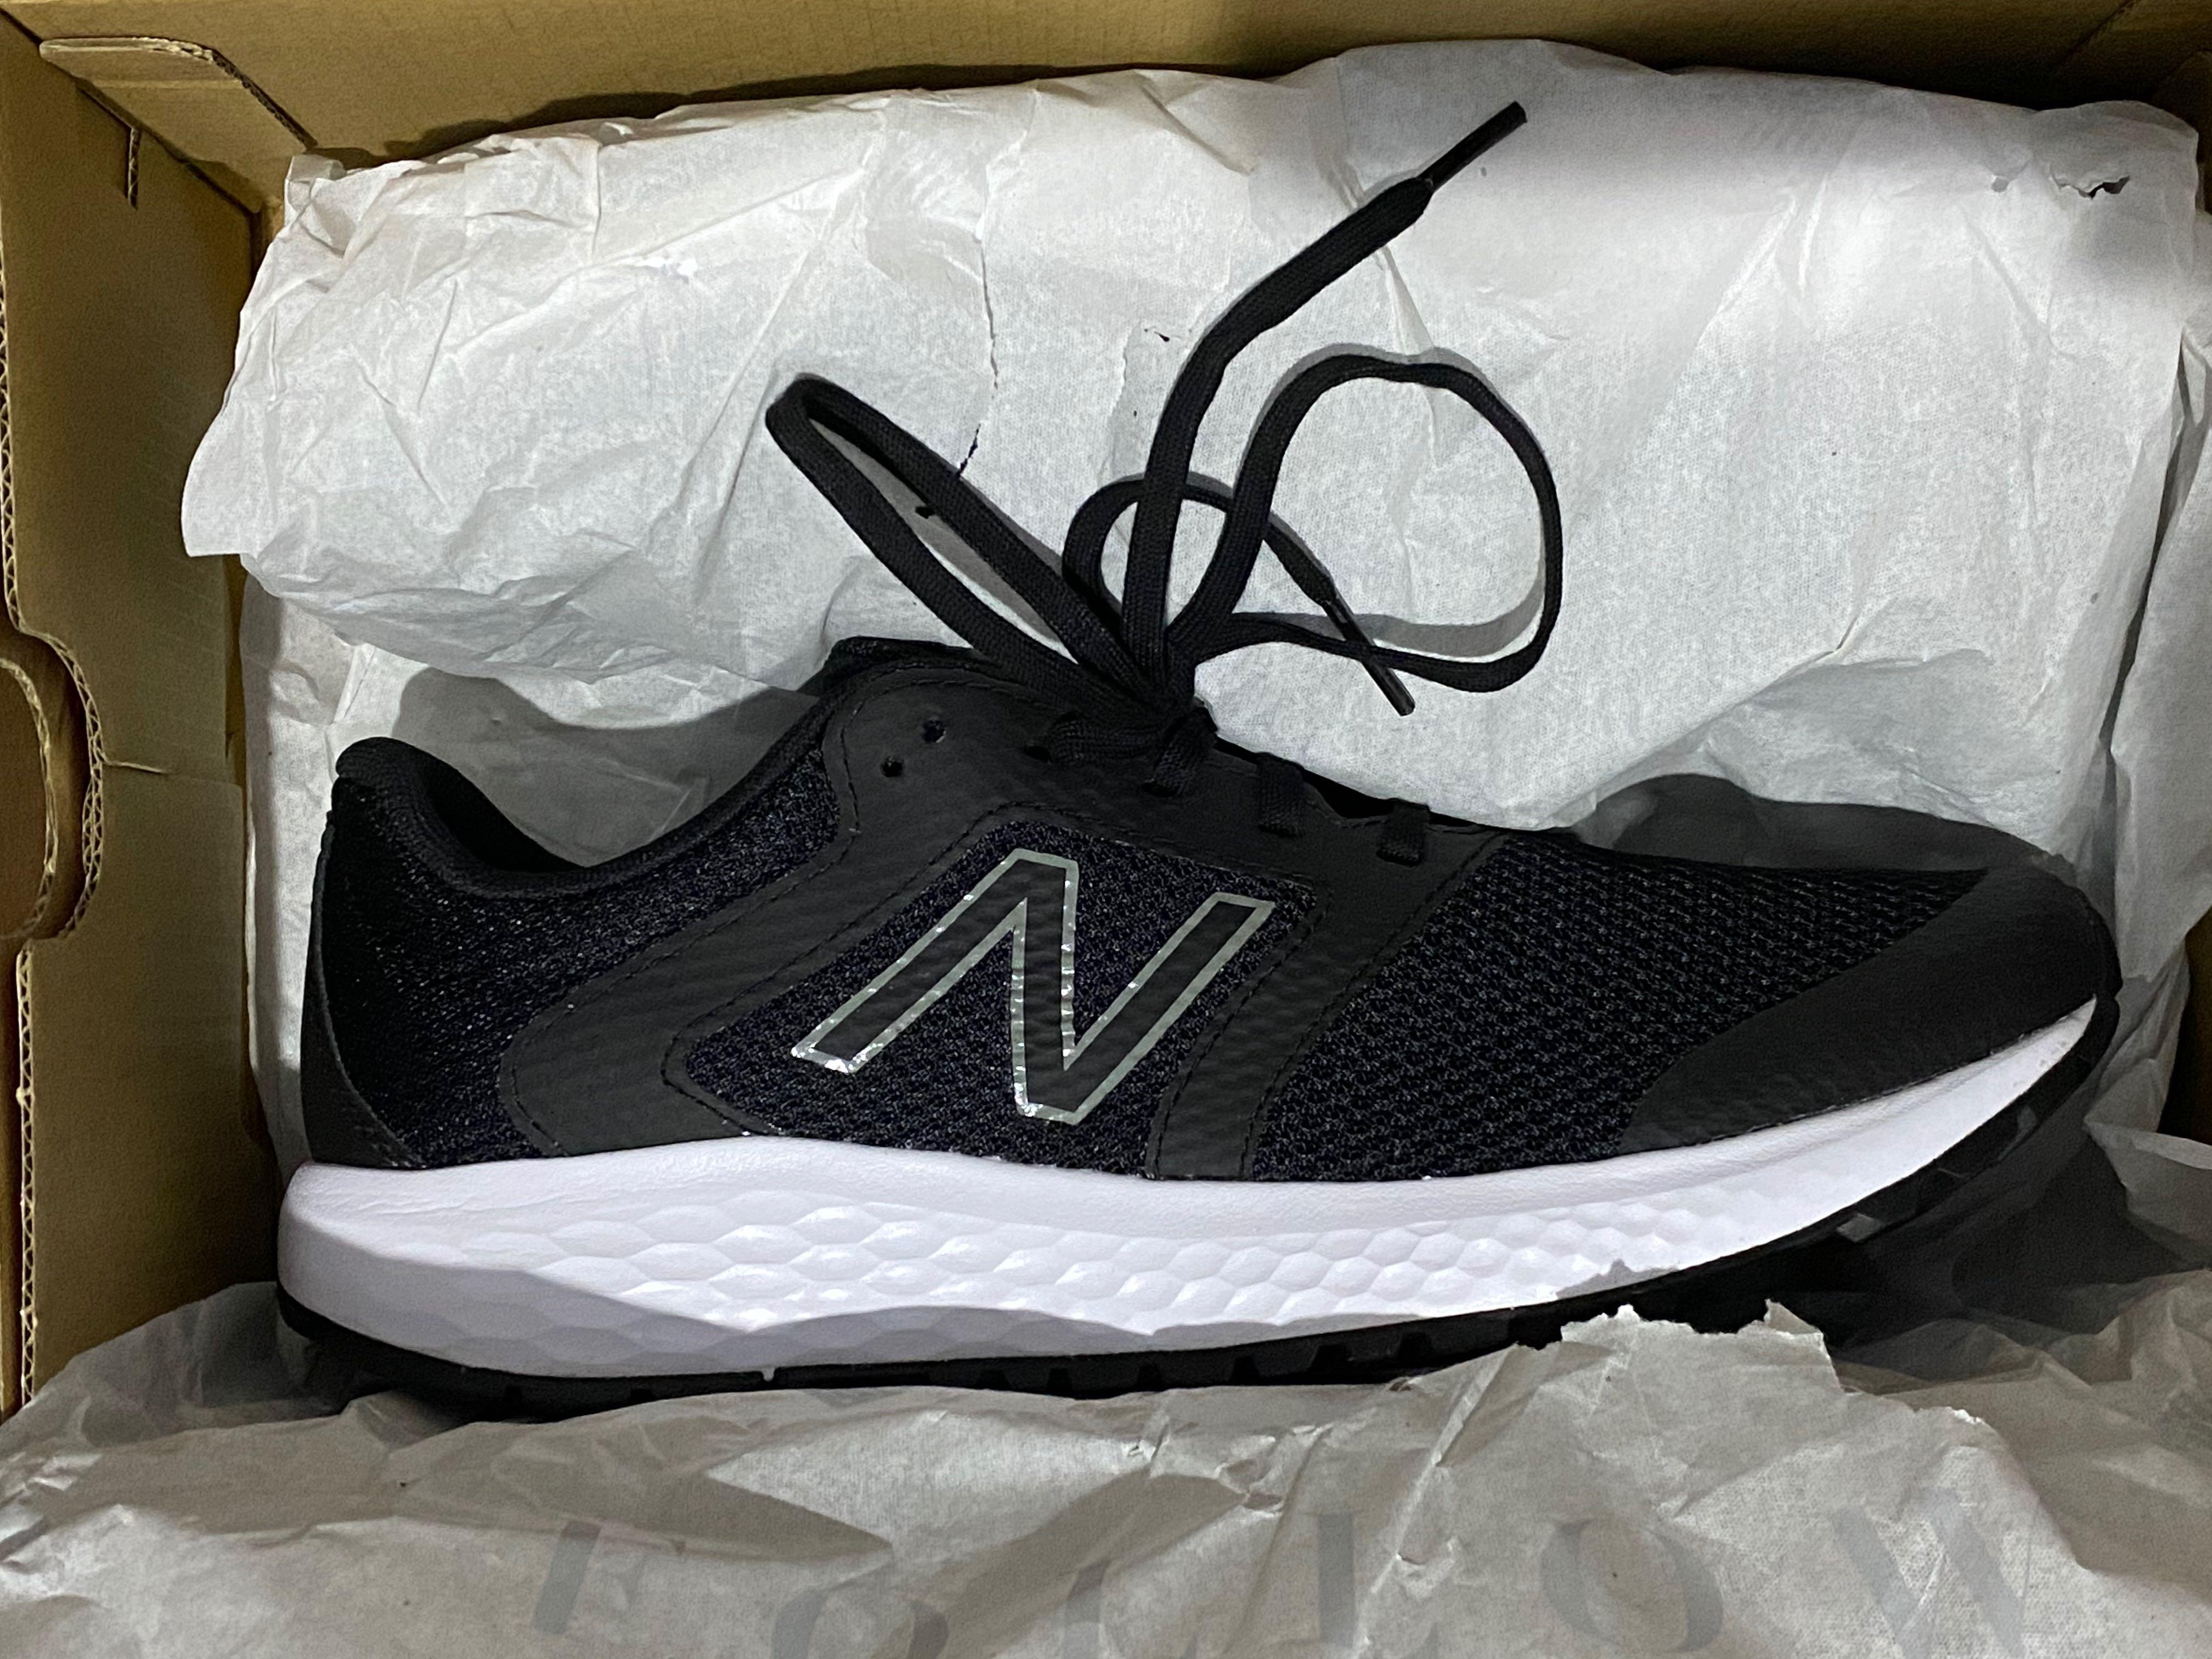 New Balance 420 V1 Men's Running Shoes - Black White